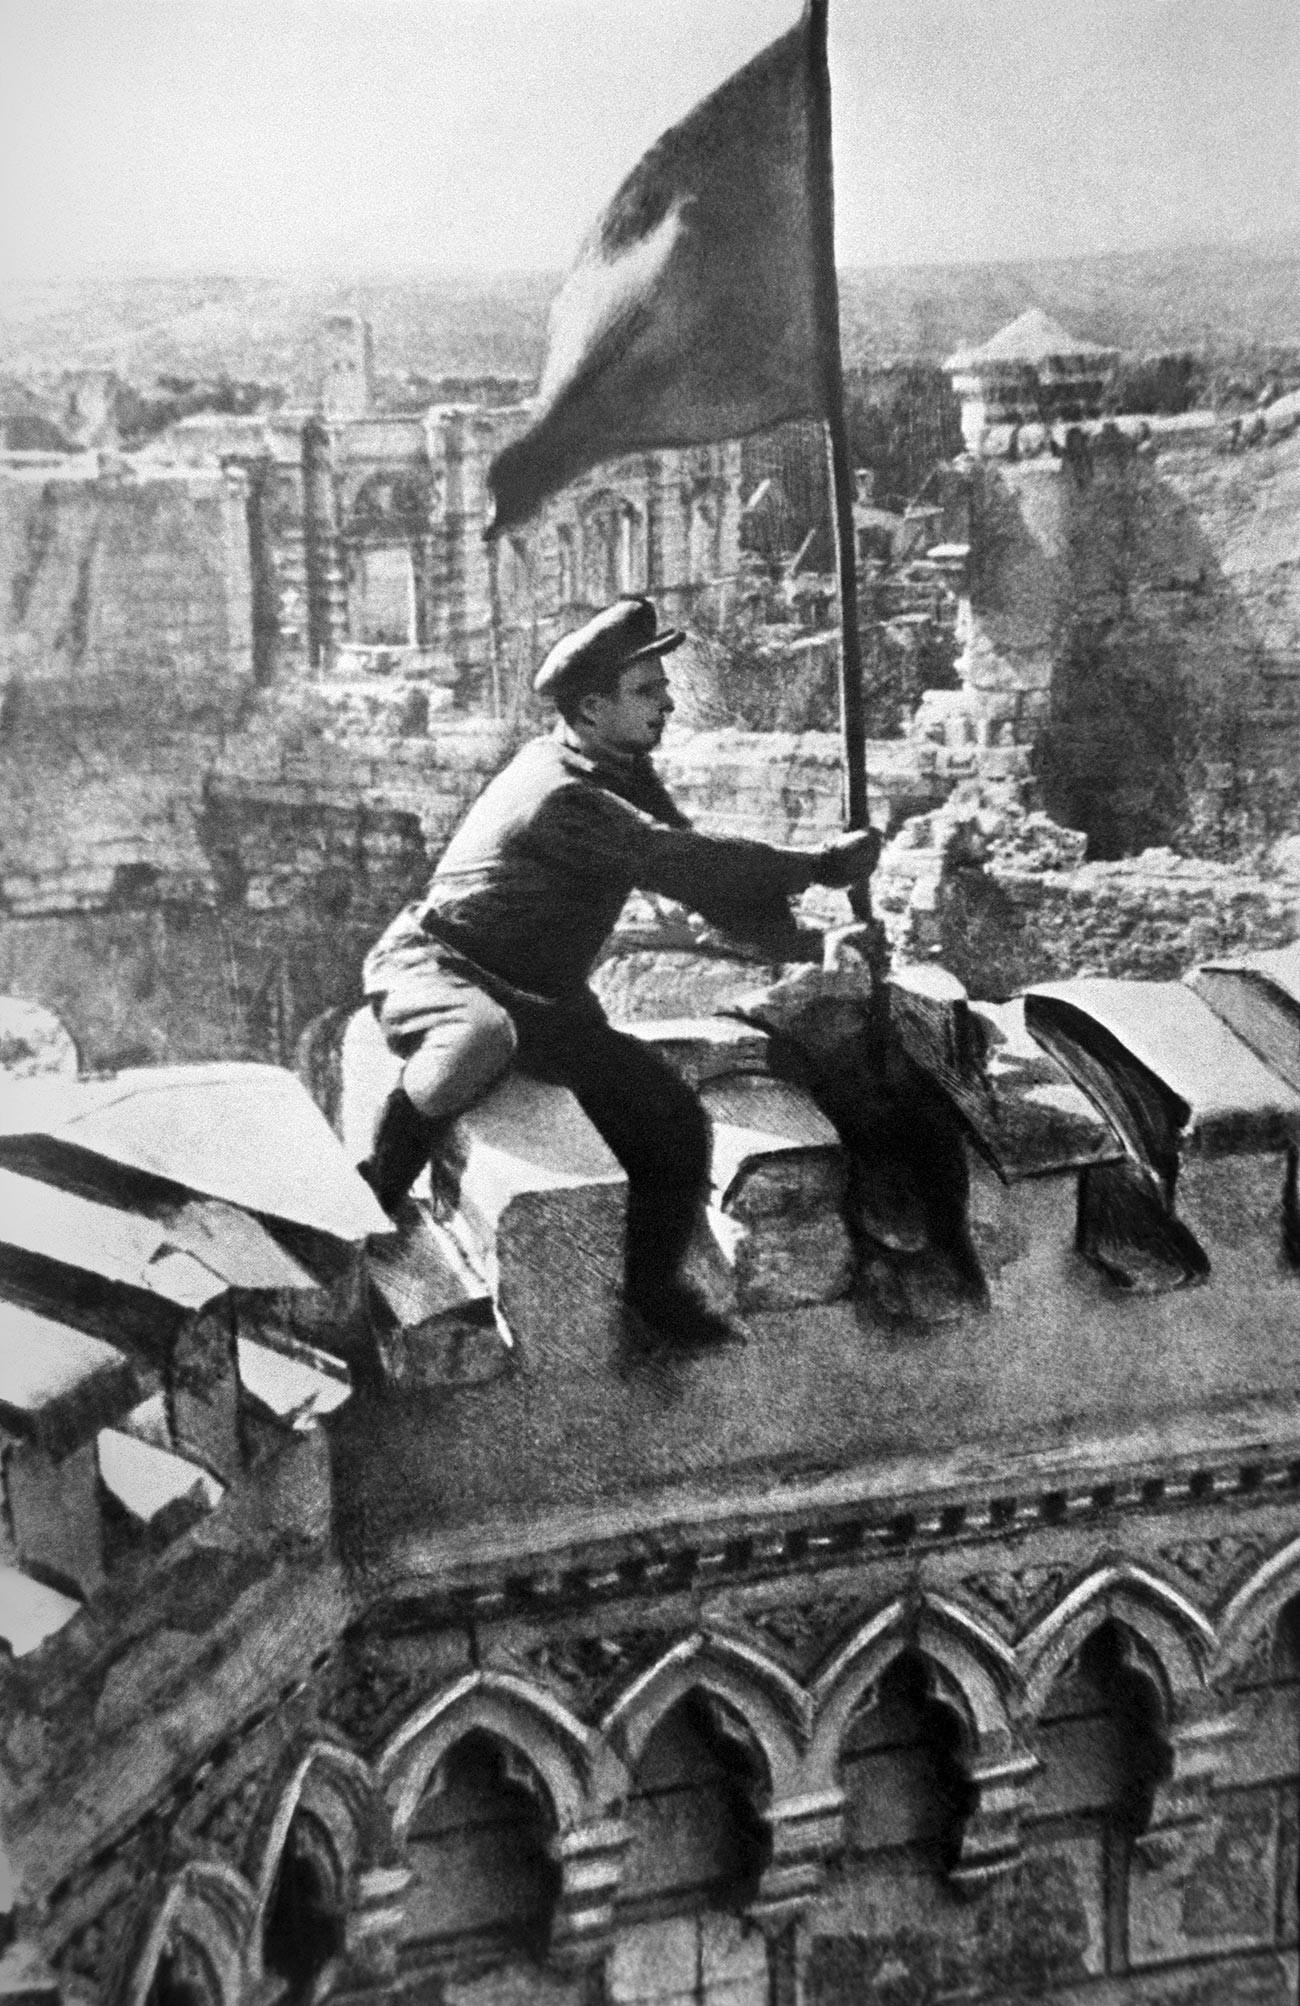 Das Siegesbanner wird über dem befreiten Chișinău gehisst, 1944